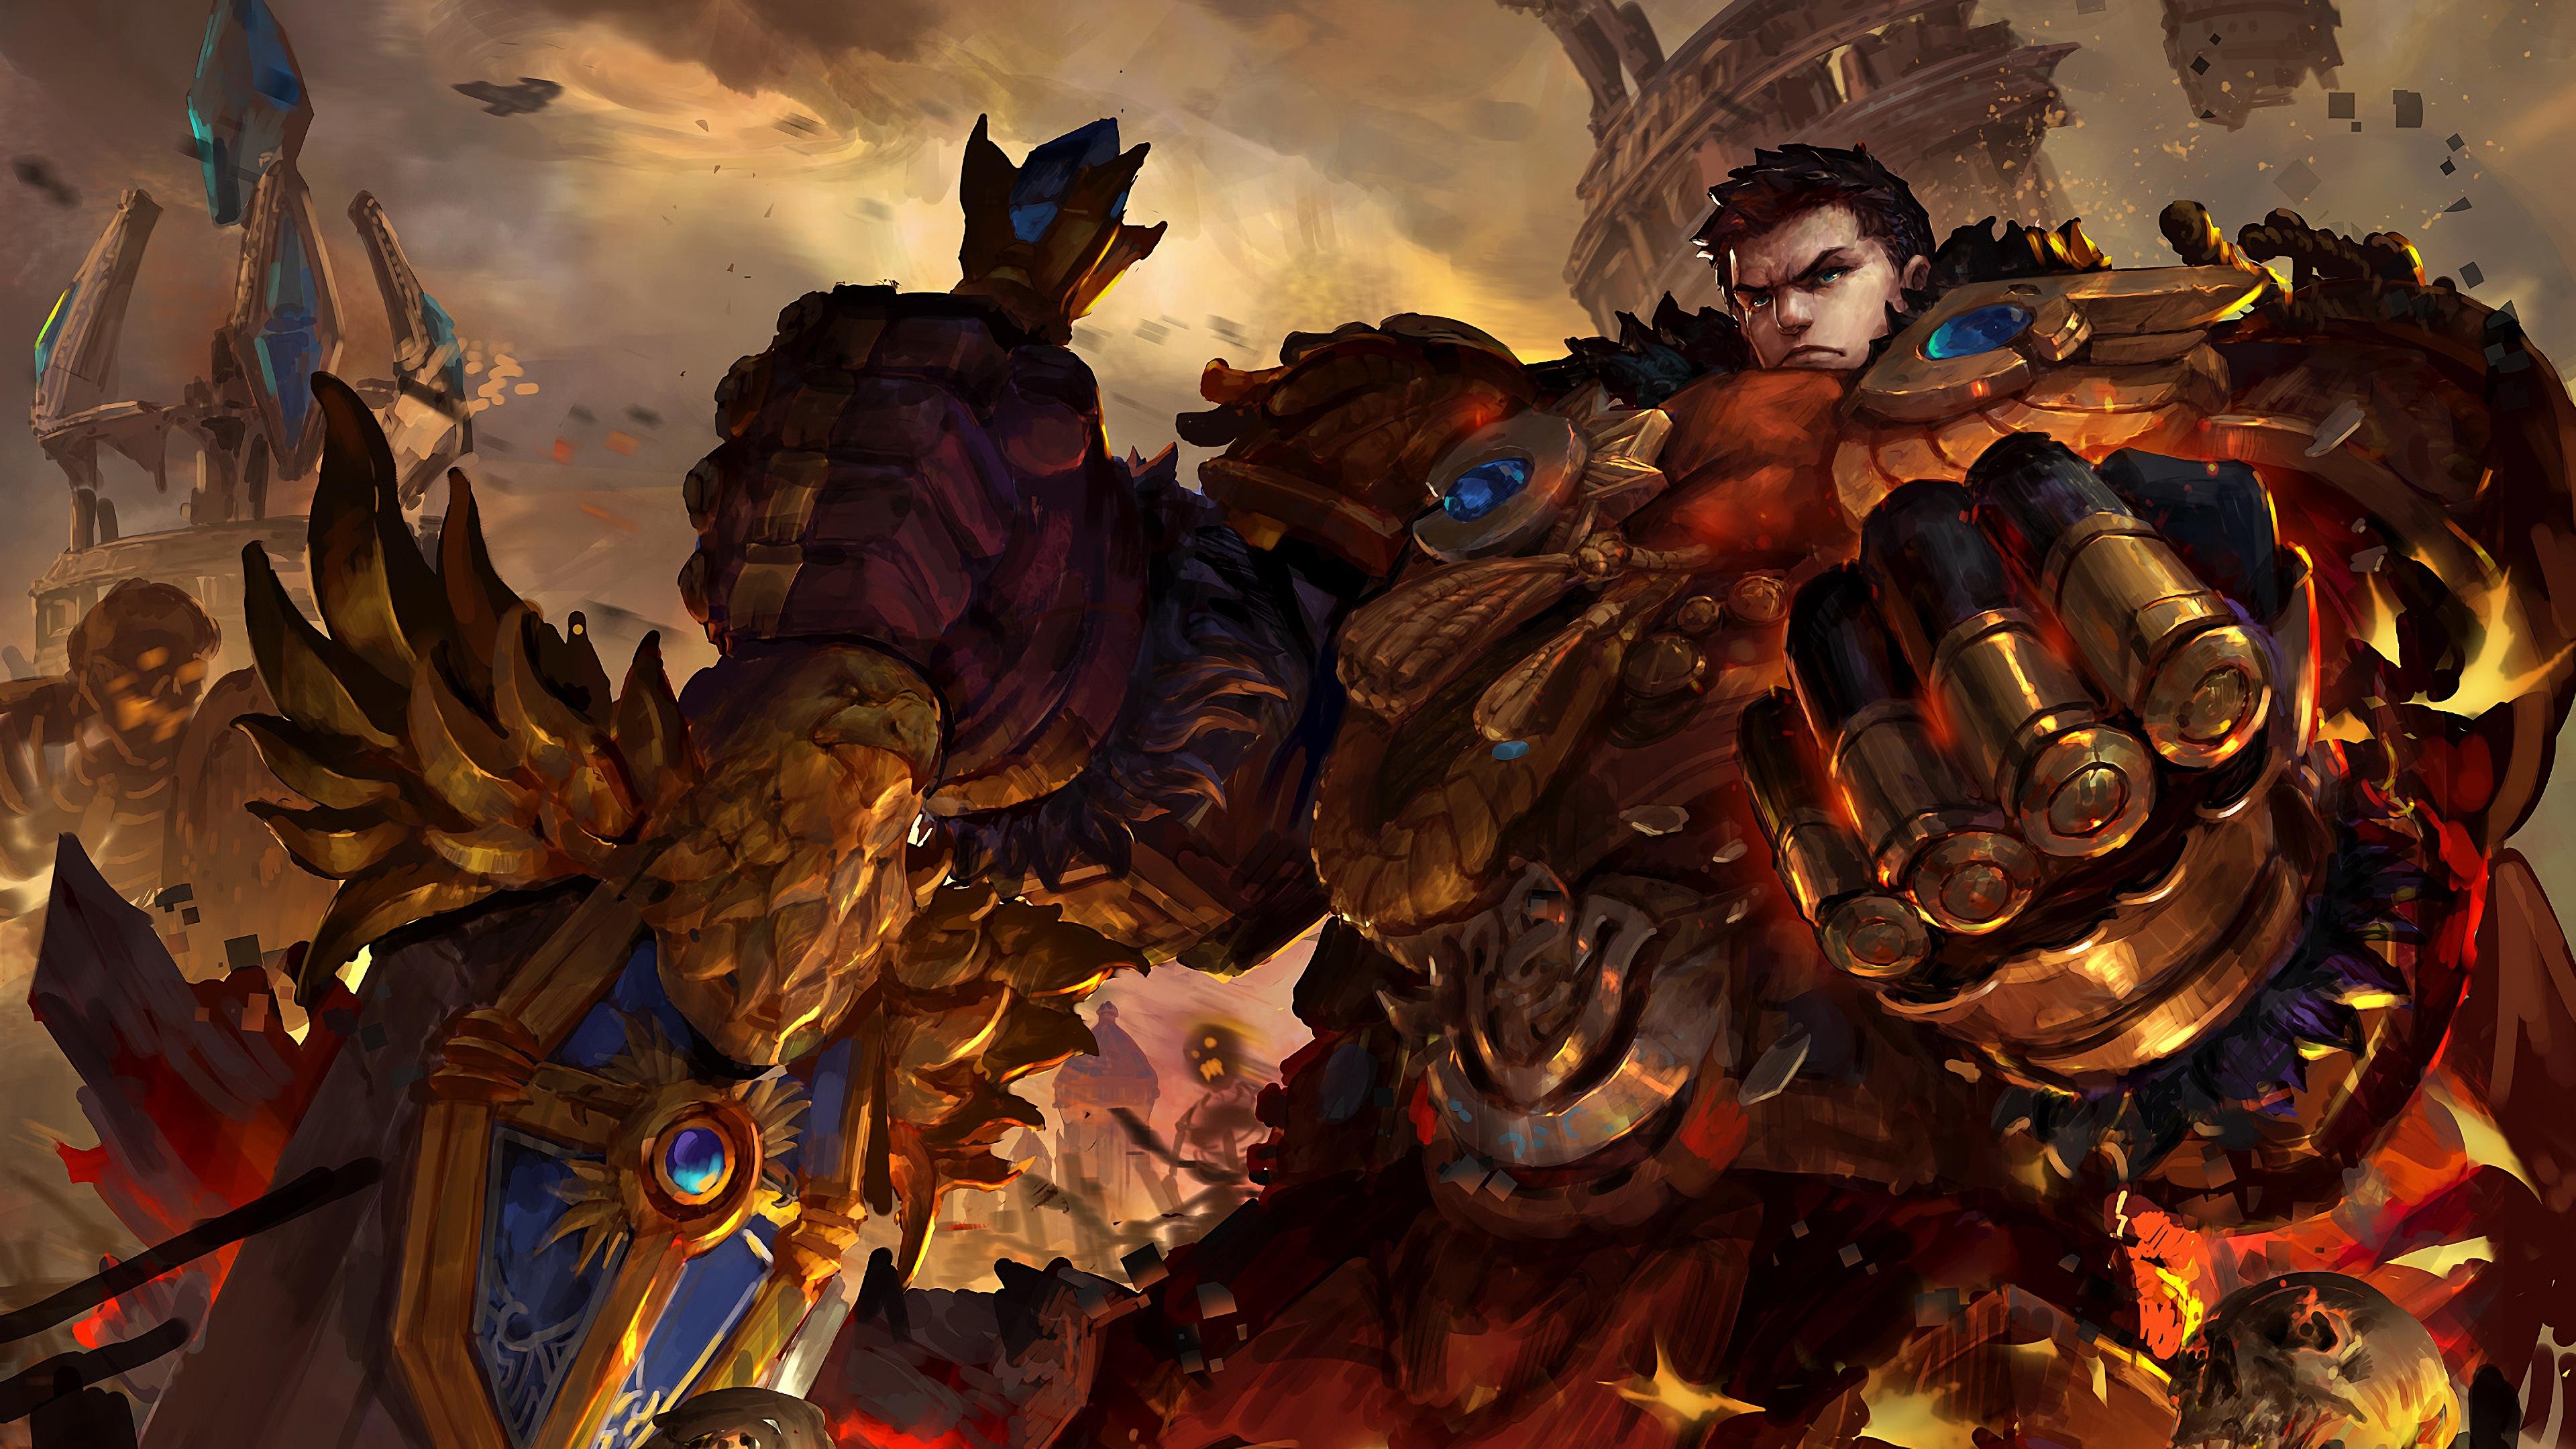 garen lol league of legends lol 1574103657 - Garen LoL League of Legends lol - league of legends, Garen